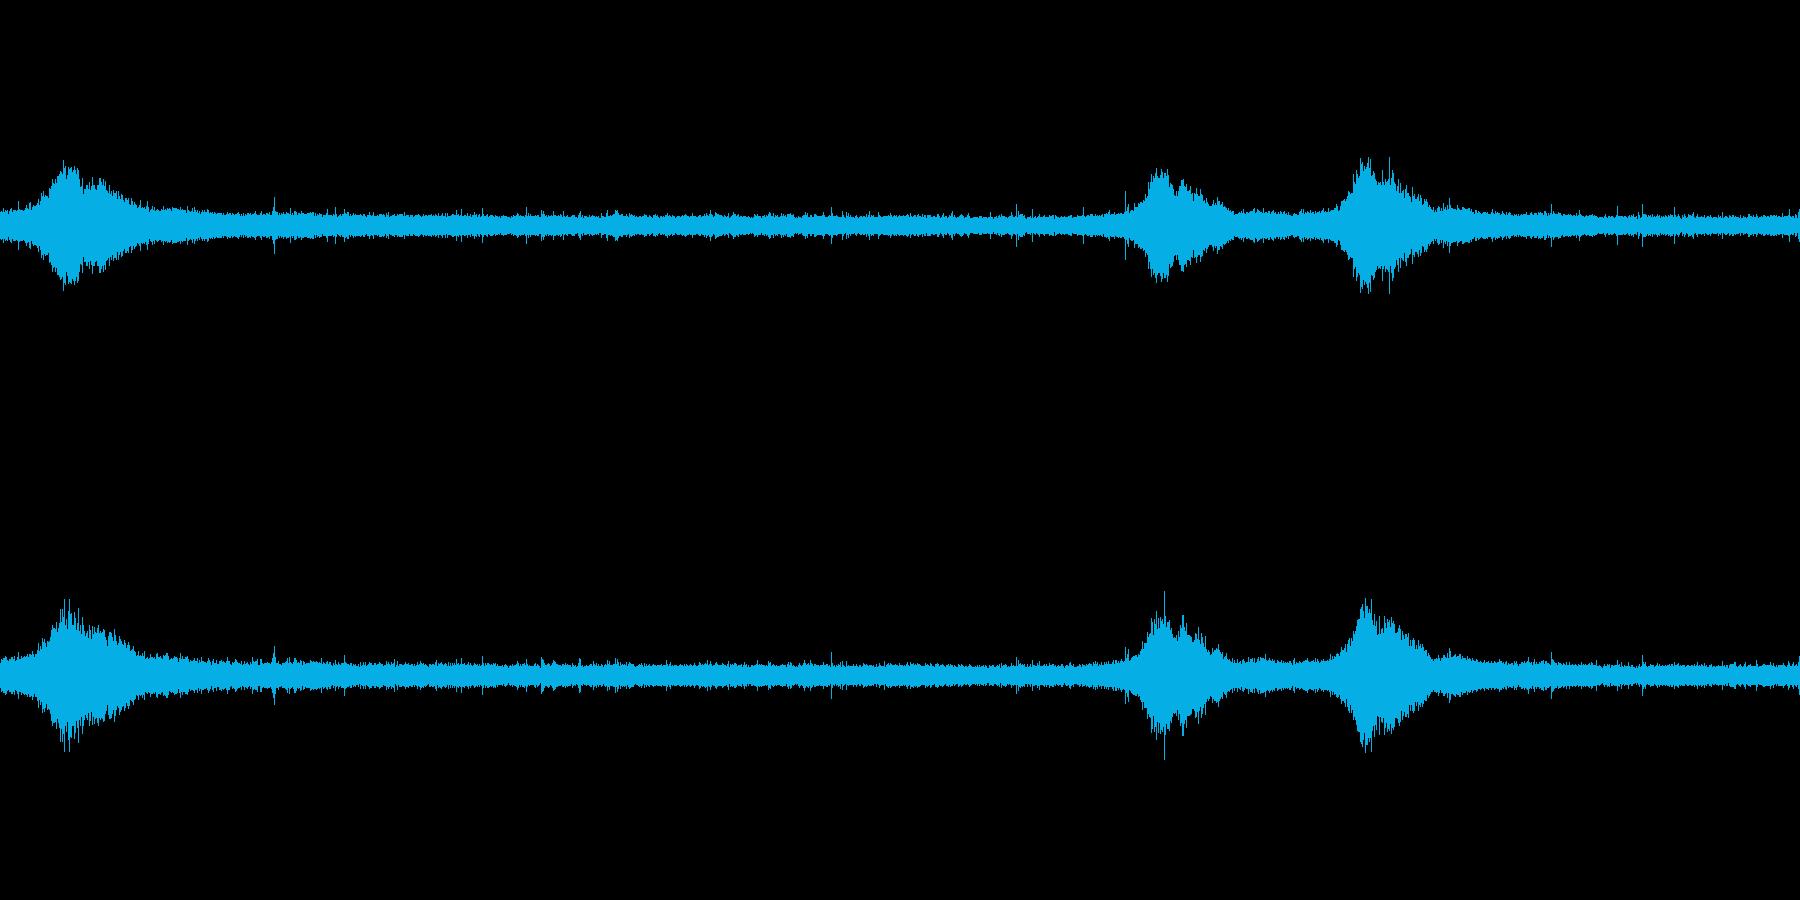 【生音】雨の日の通行音 - 4 雨 車…の再生済みの波形